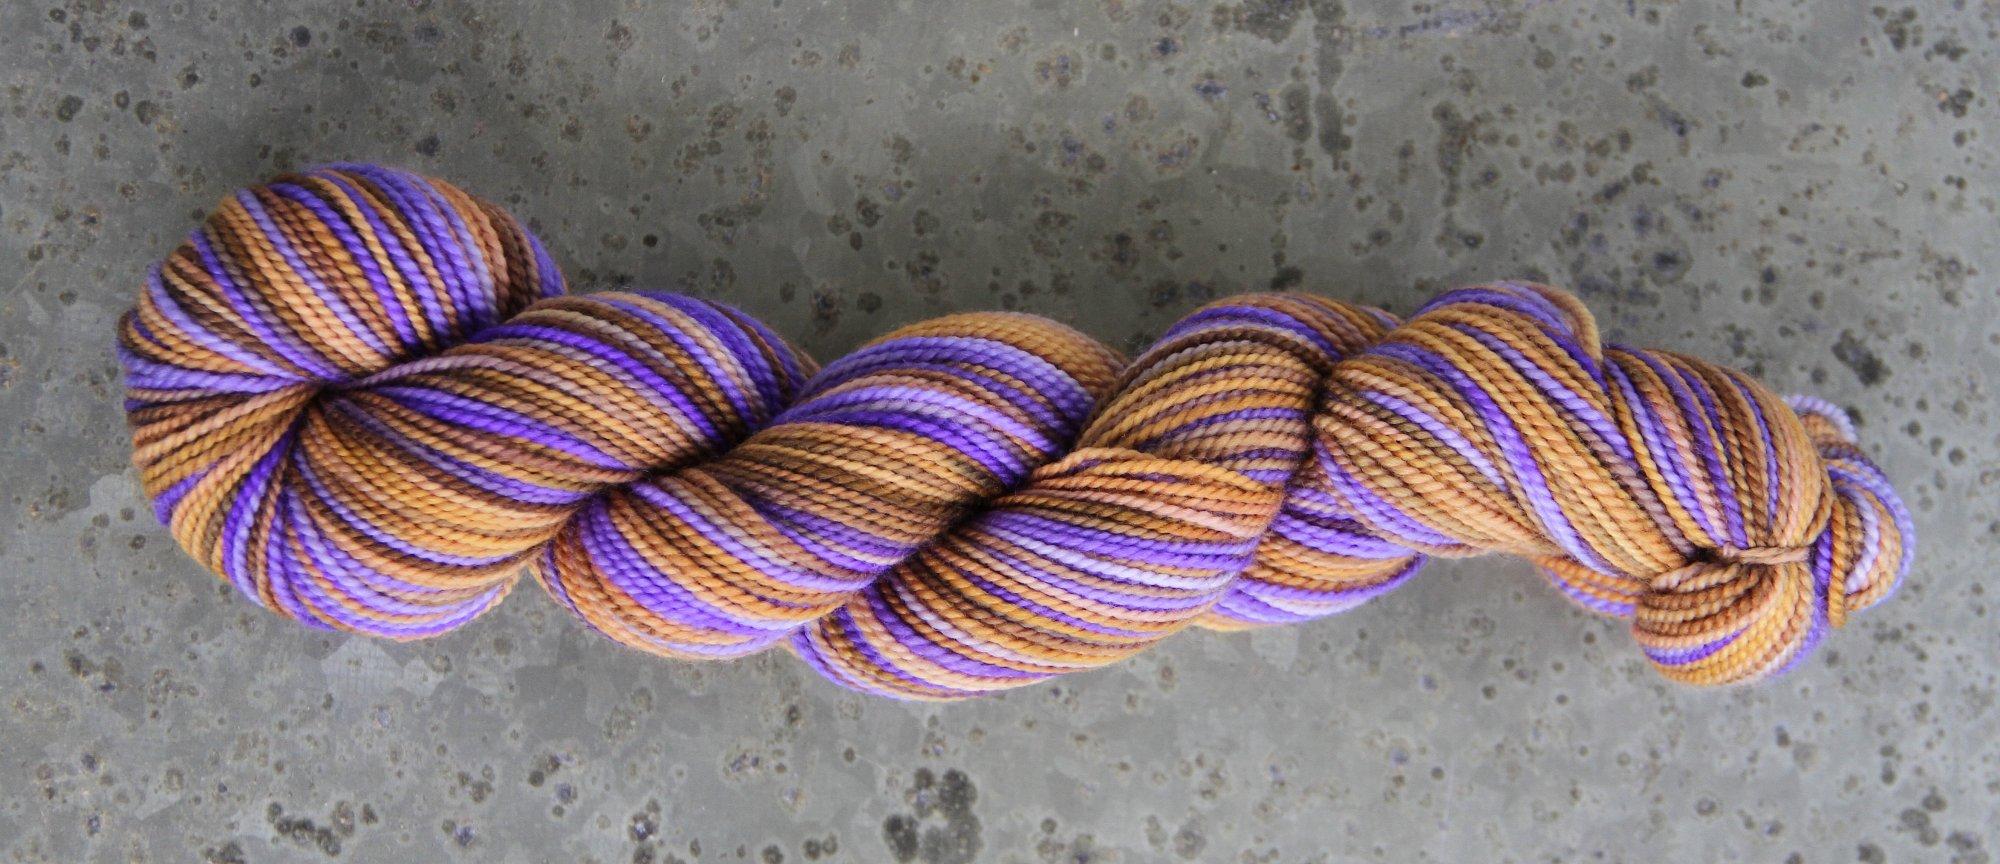 Shimmer - Bearded Iris